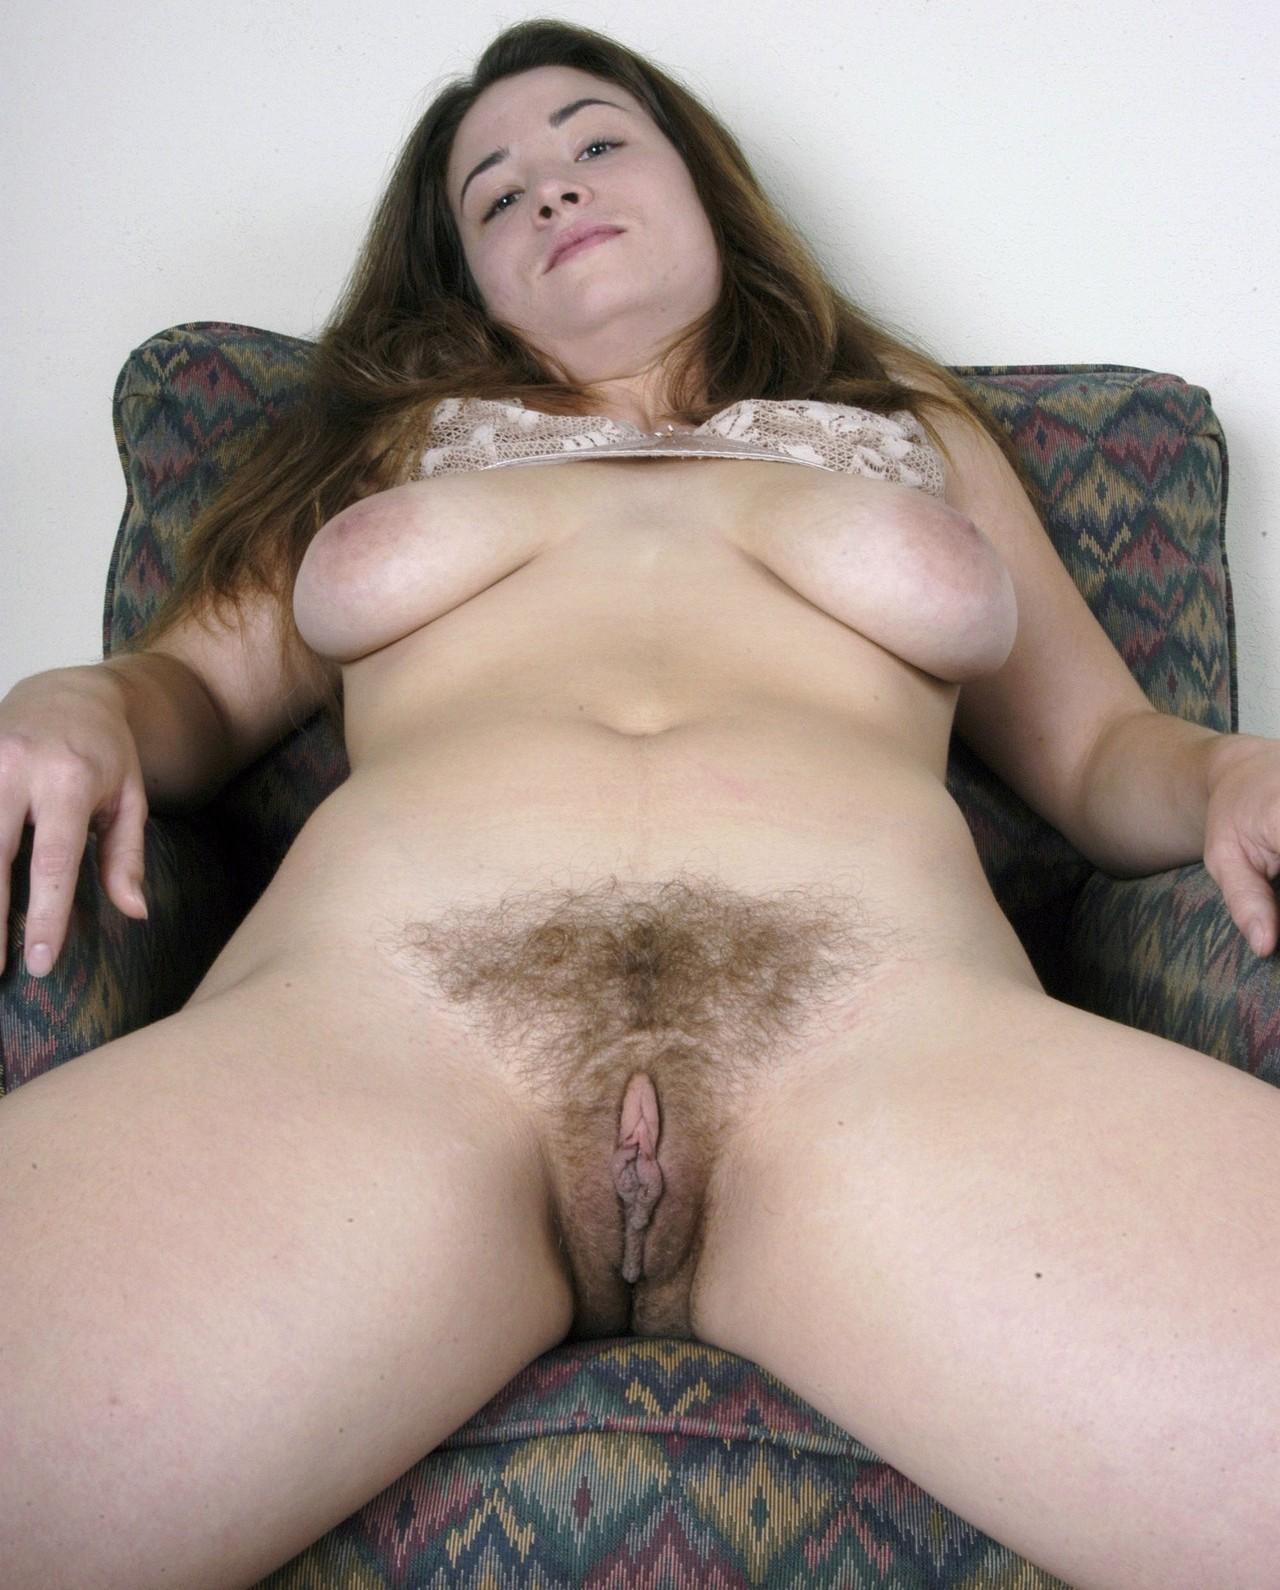 Hot lesbians naked fucking